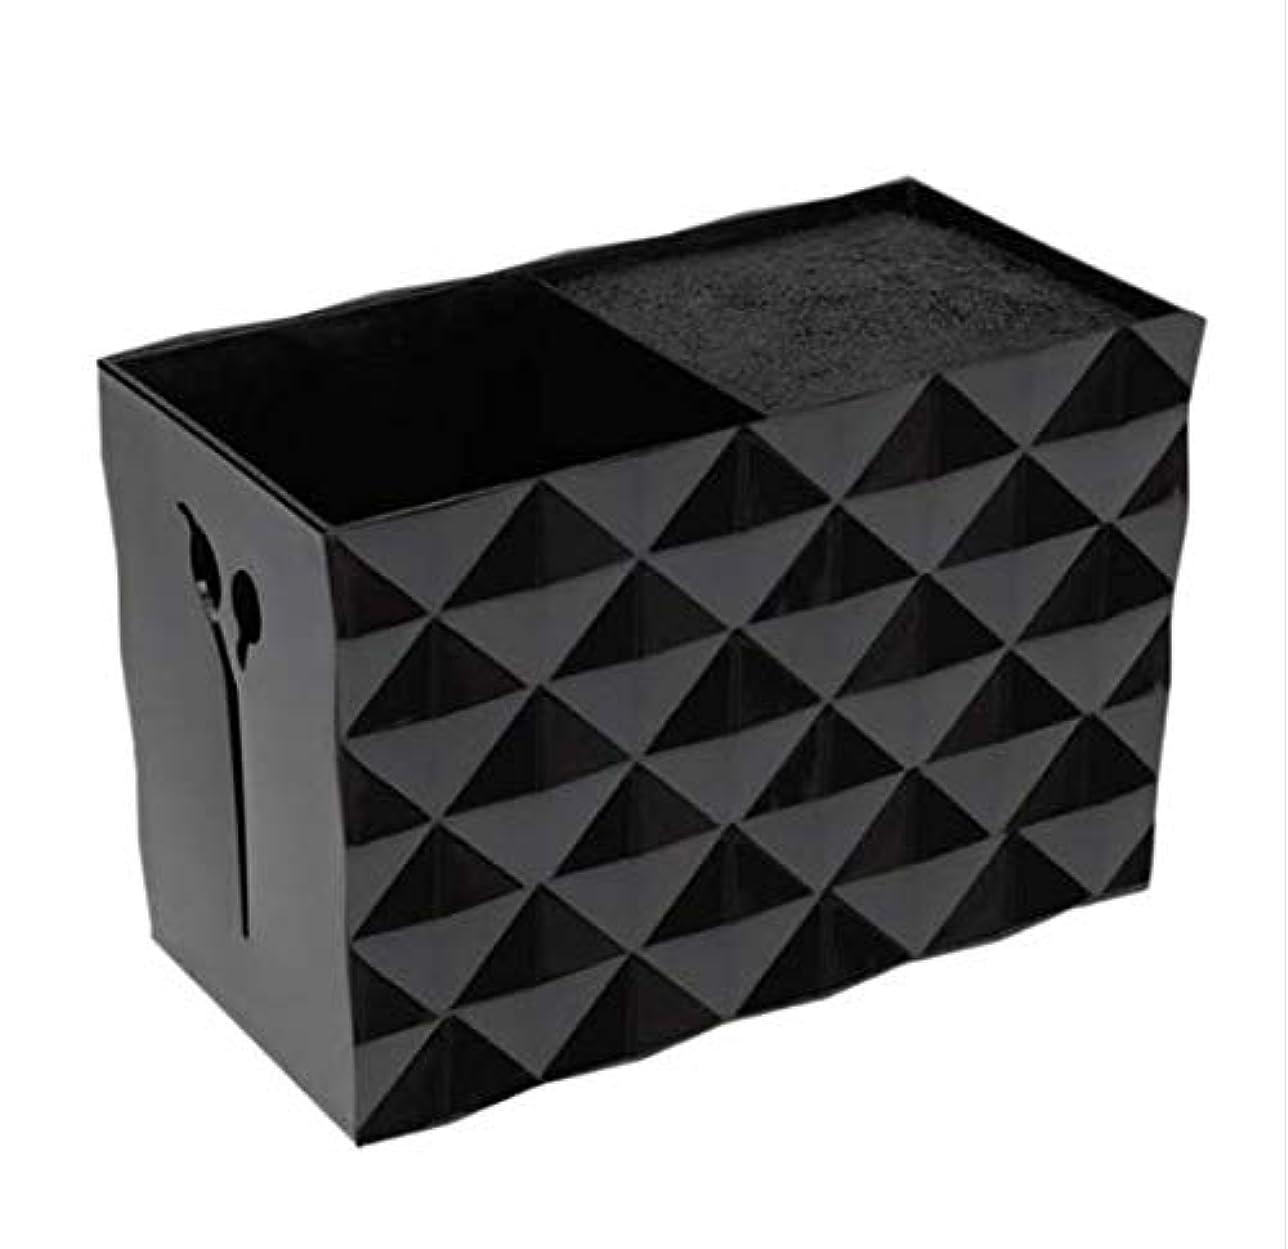 アグネスグレイ追放する深めるLivemarket プロのアクセサリー非スリップソケット髪シザー櫛ポットスタンドケーススタイリングサロンヘアクリップ人気の収納ボックス (ブラック)